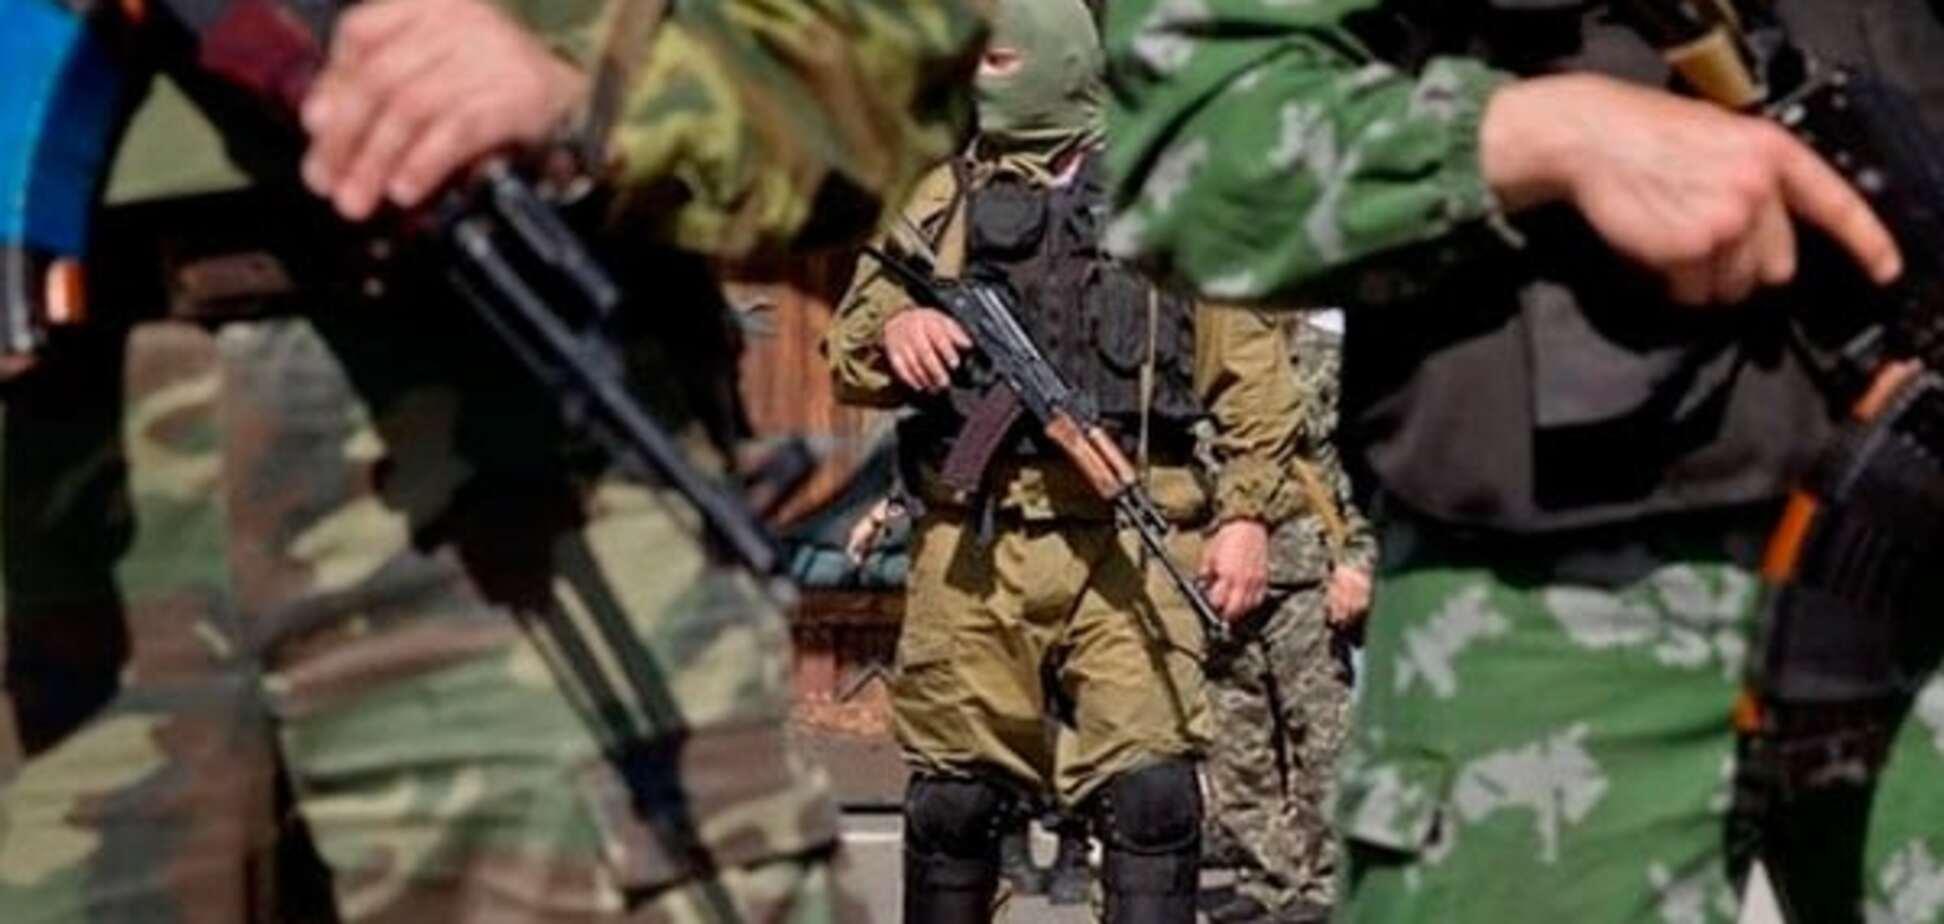 Терористи влаштували в Донецьку криваві розбірки через гроші - розвідка